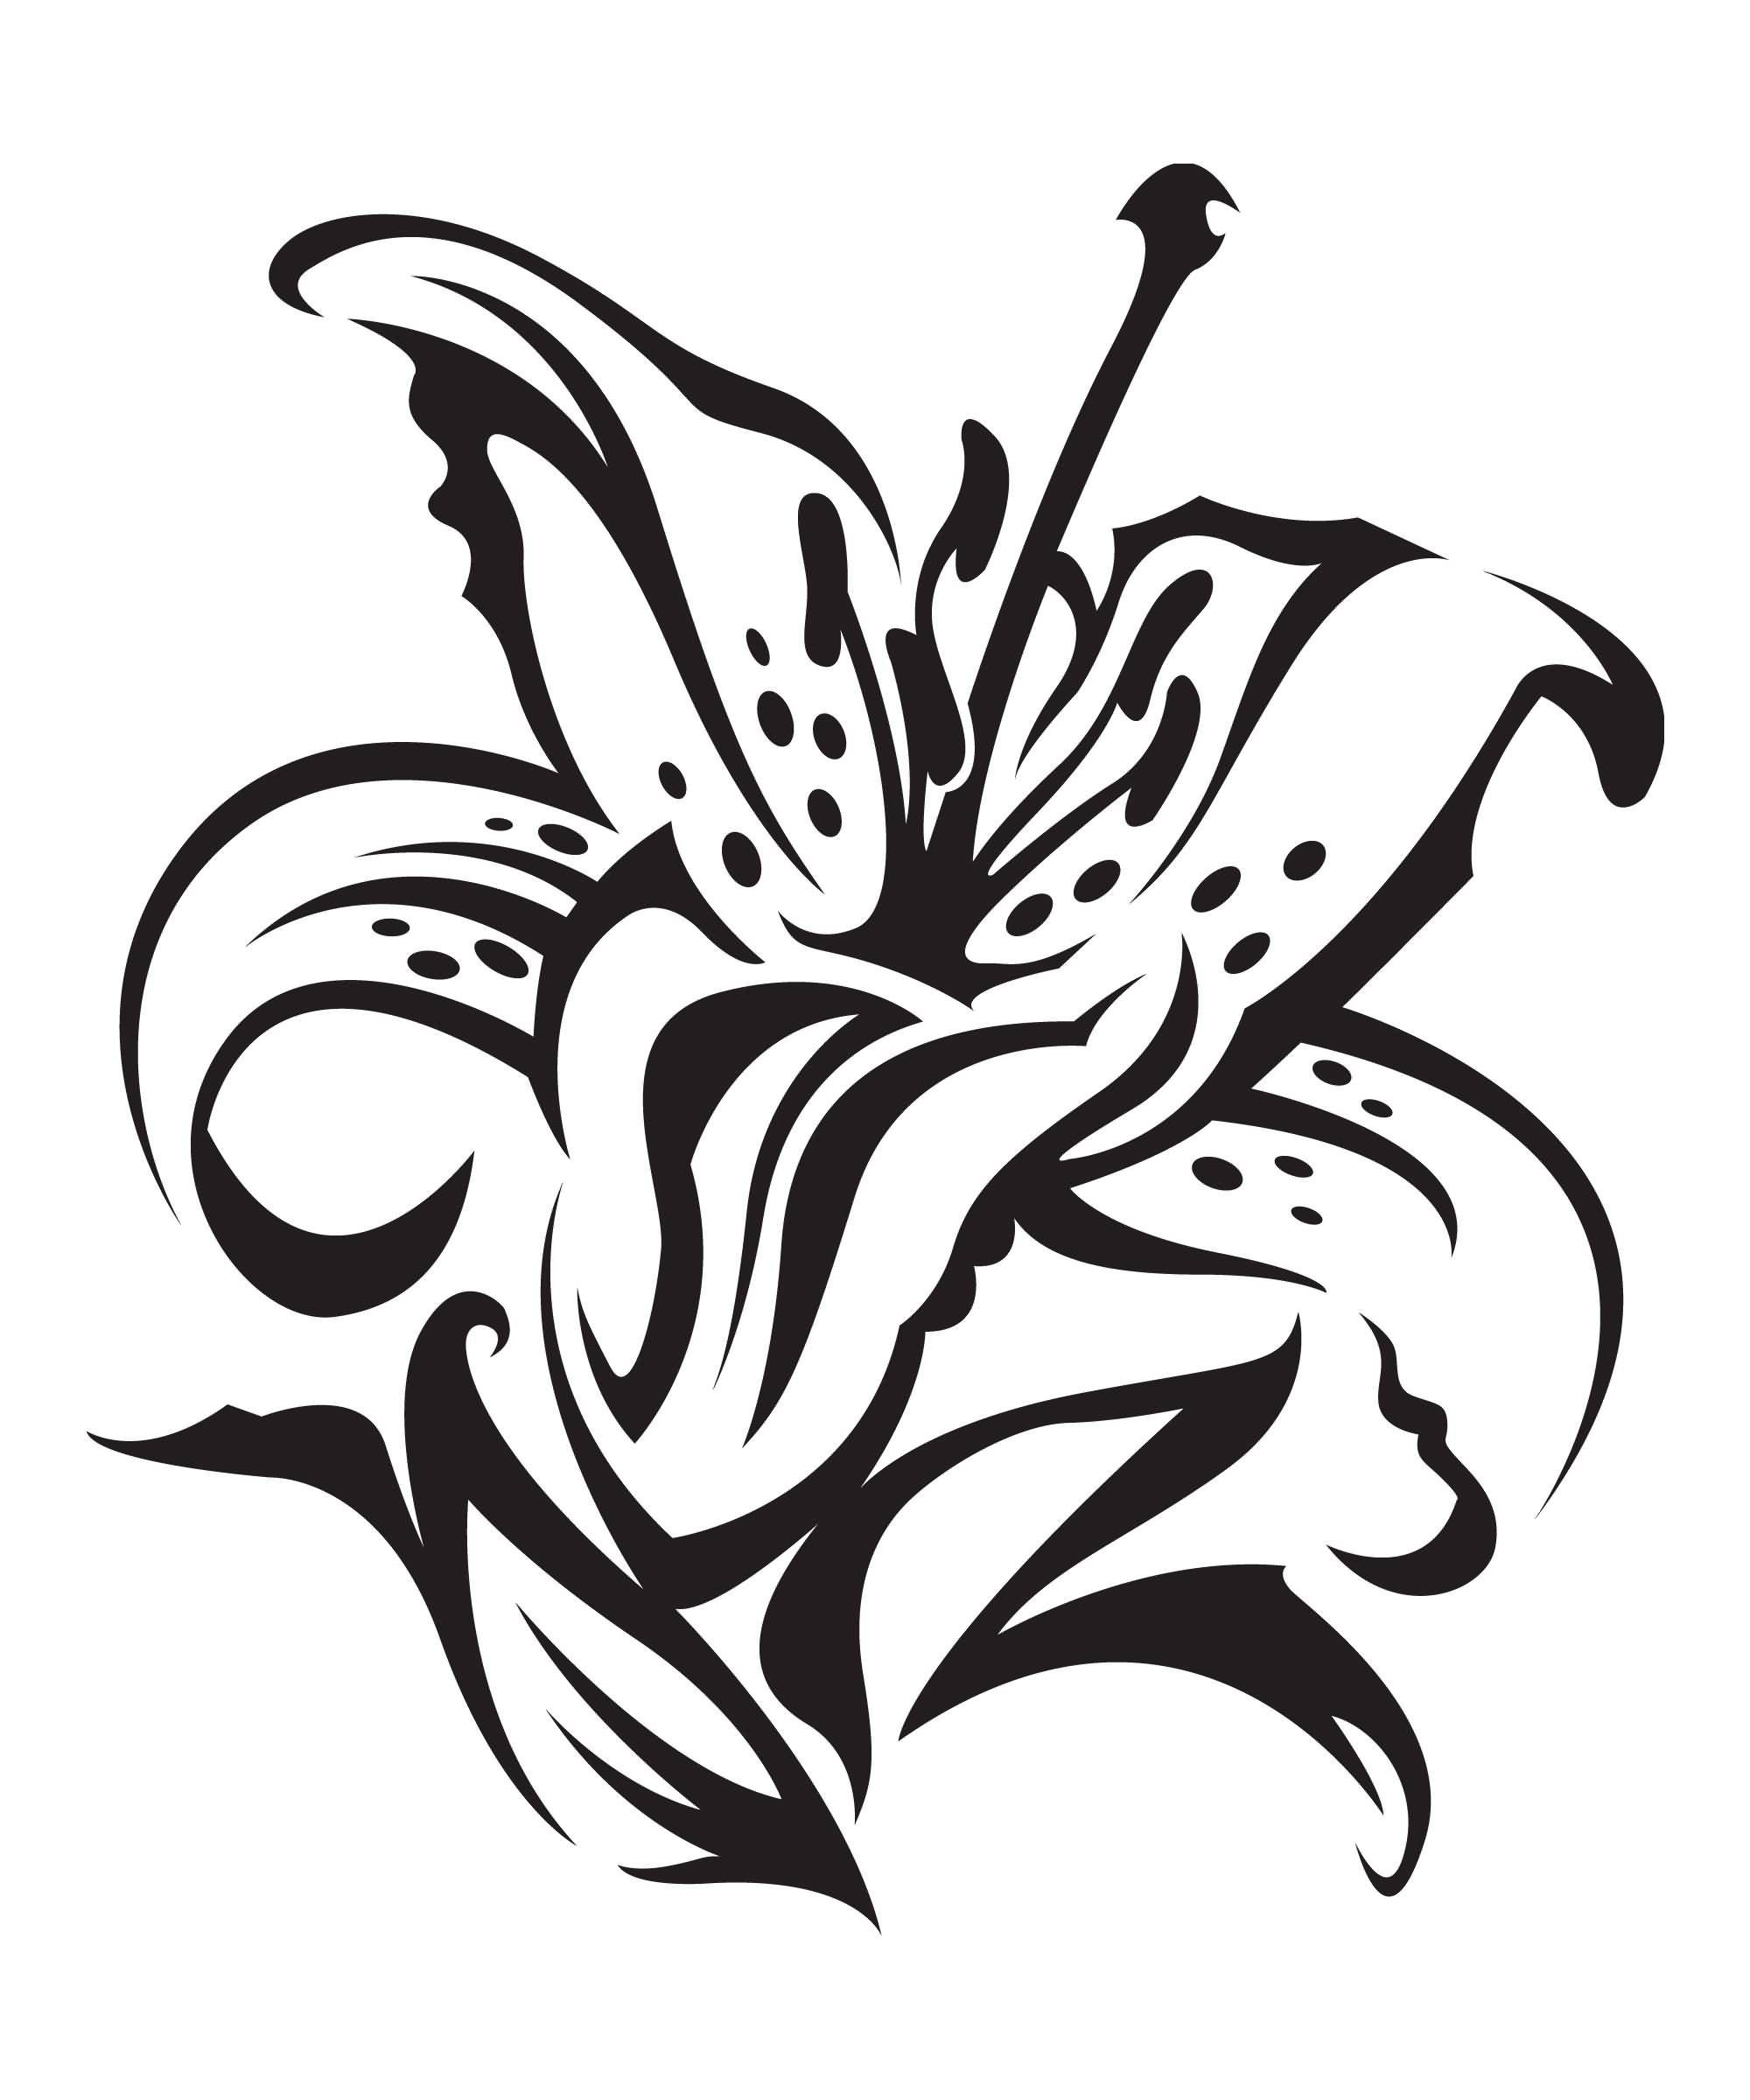 Black Ink Tiger Lily Tattoo Design On Paper Truetattoos